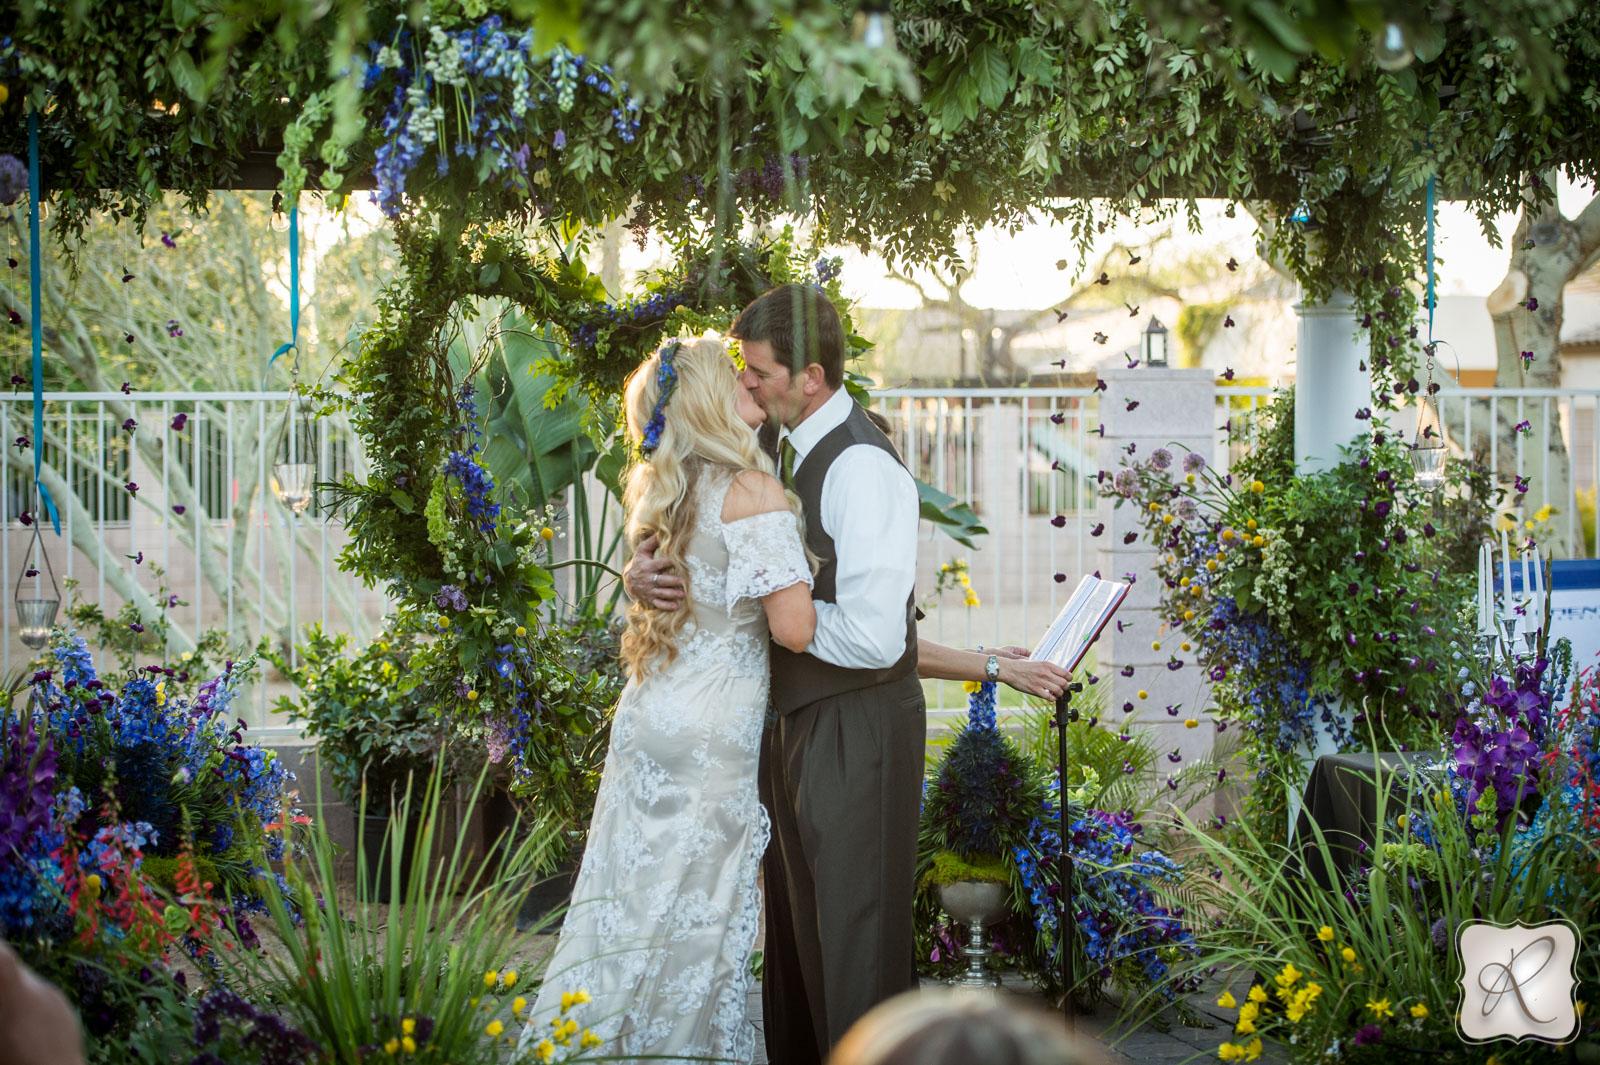 Scott ragsdale wedding